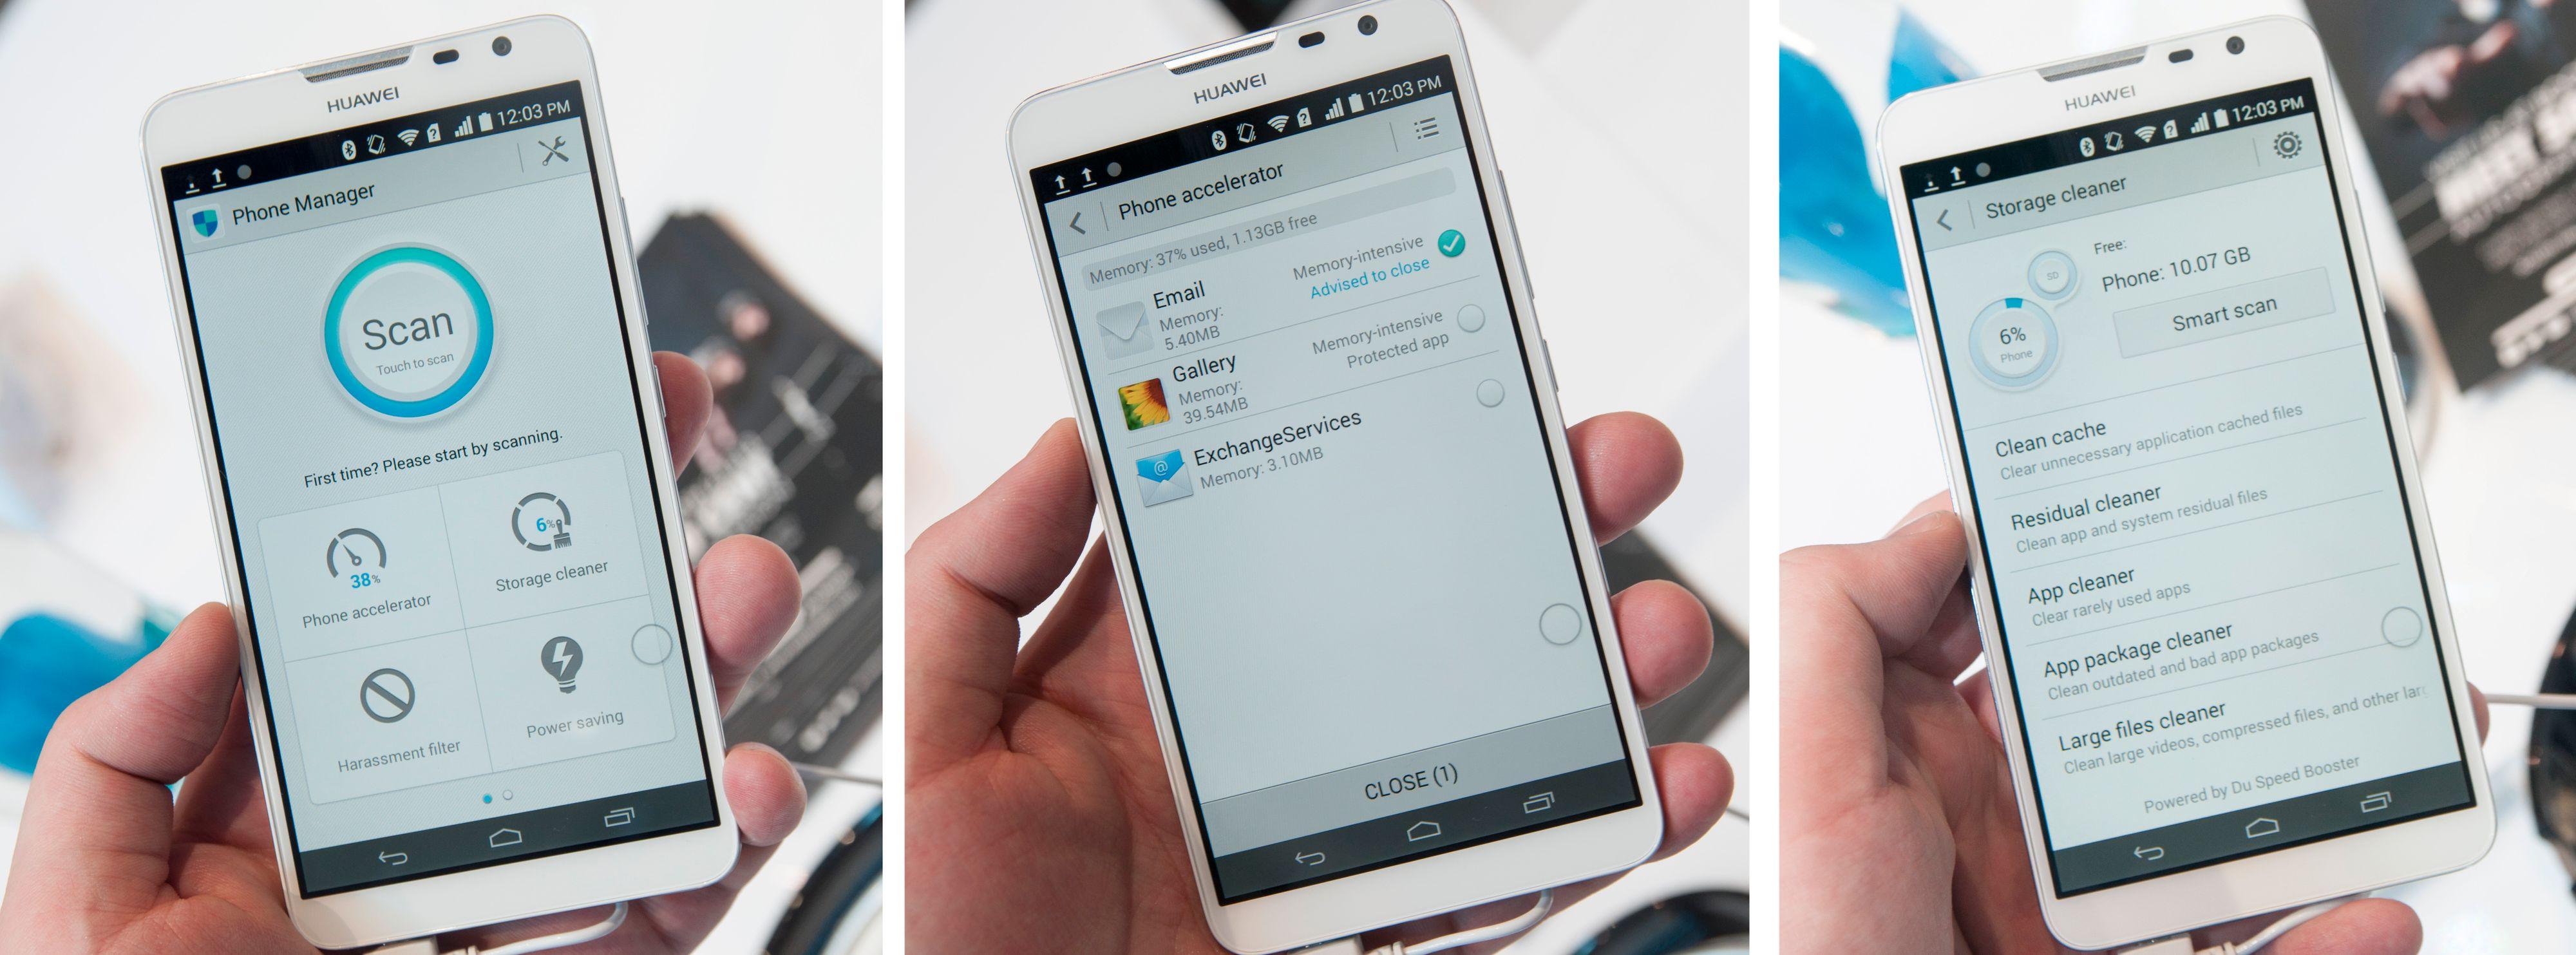 Huawei har den siste tiden begynt å bygge inn svært så nyttig funksjonalitet i Android.Foto: Finn Jarle Kvalheim, Amobil.no